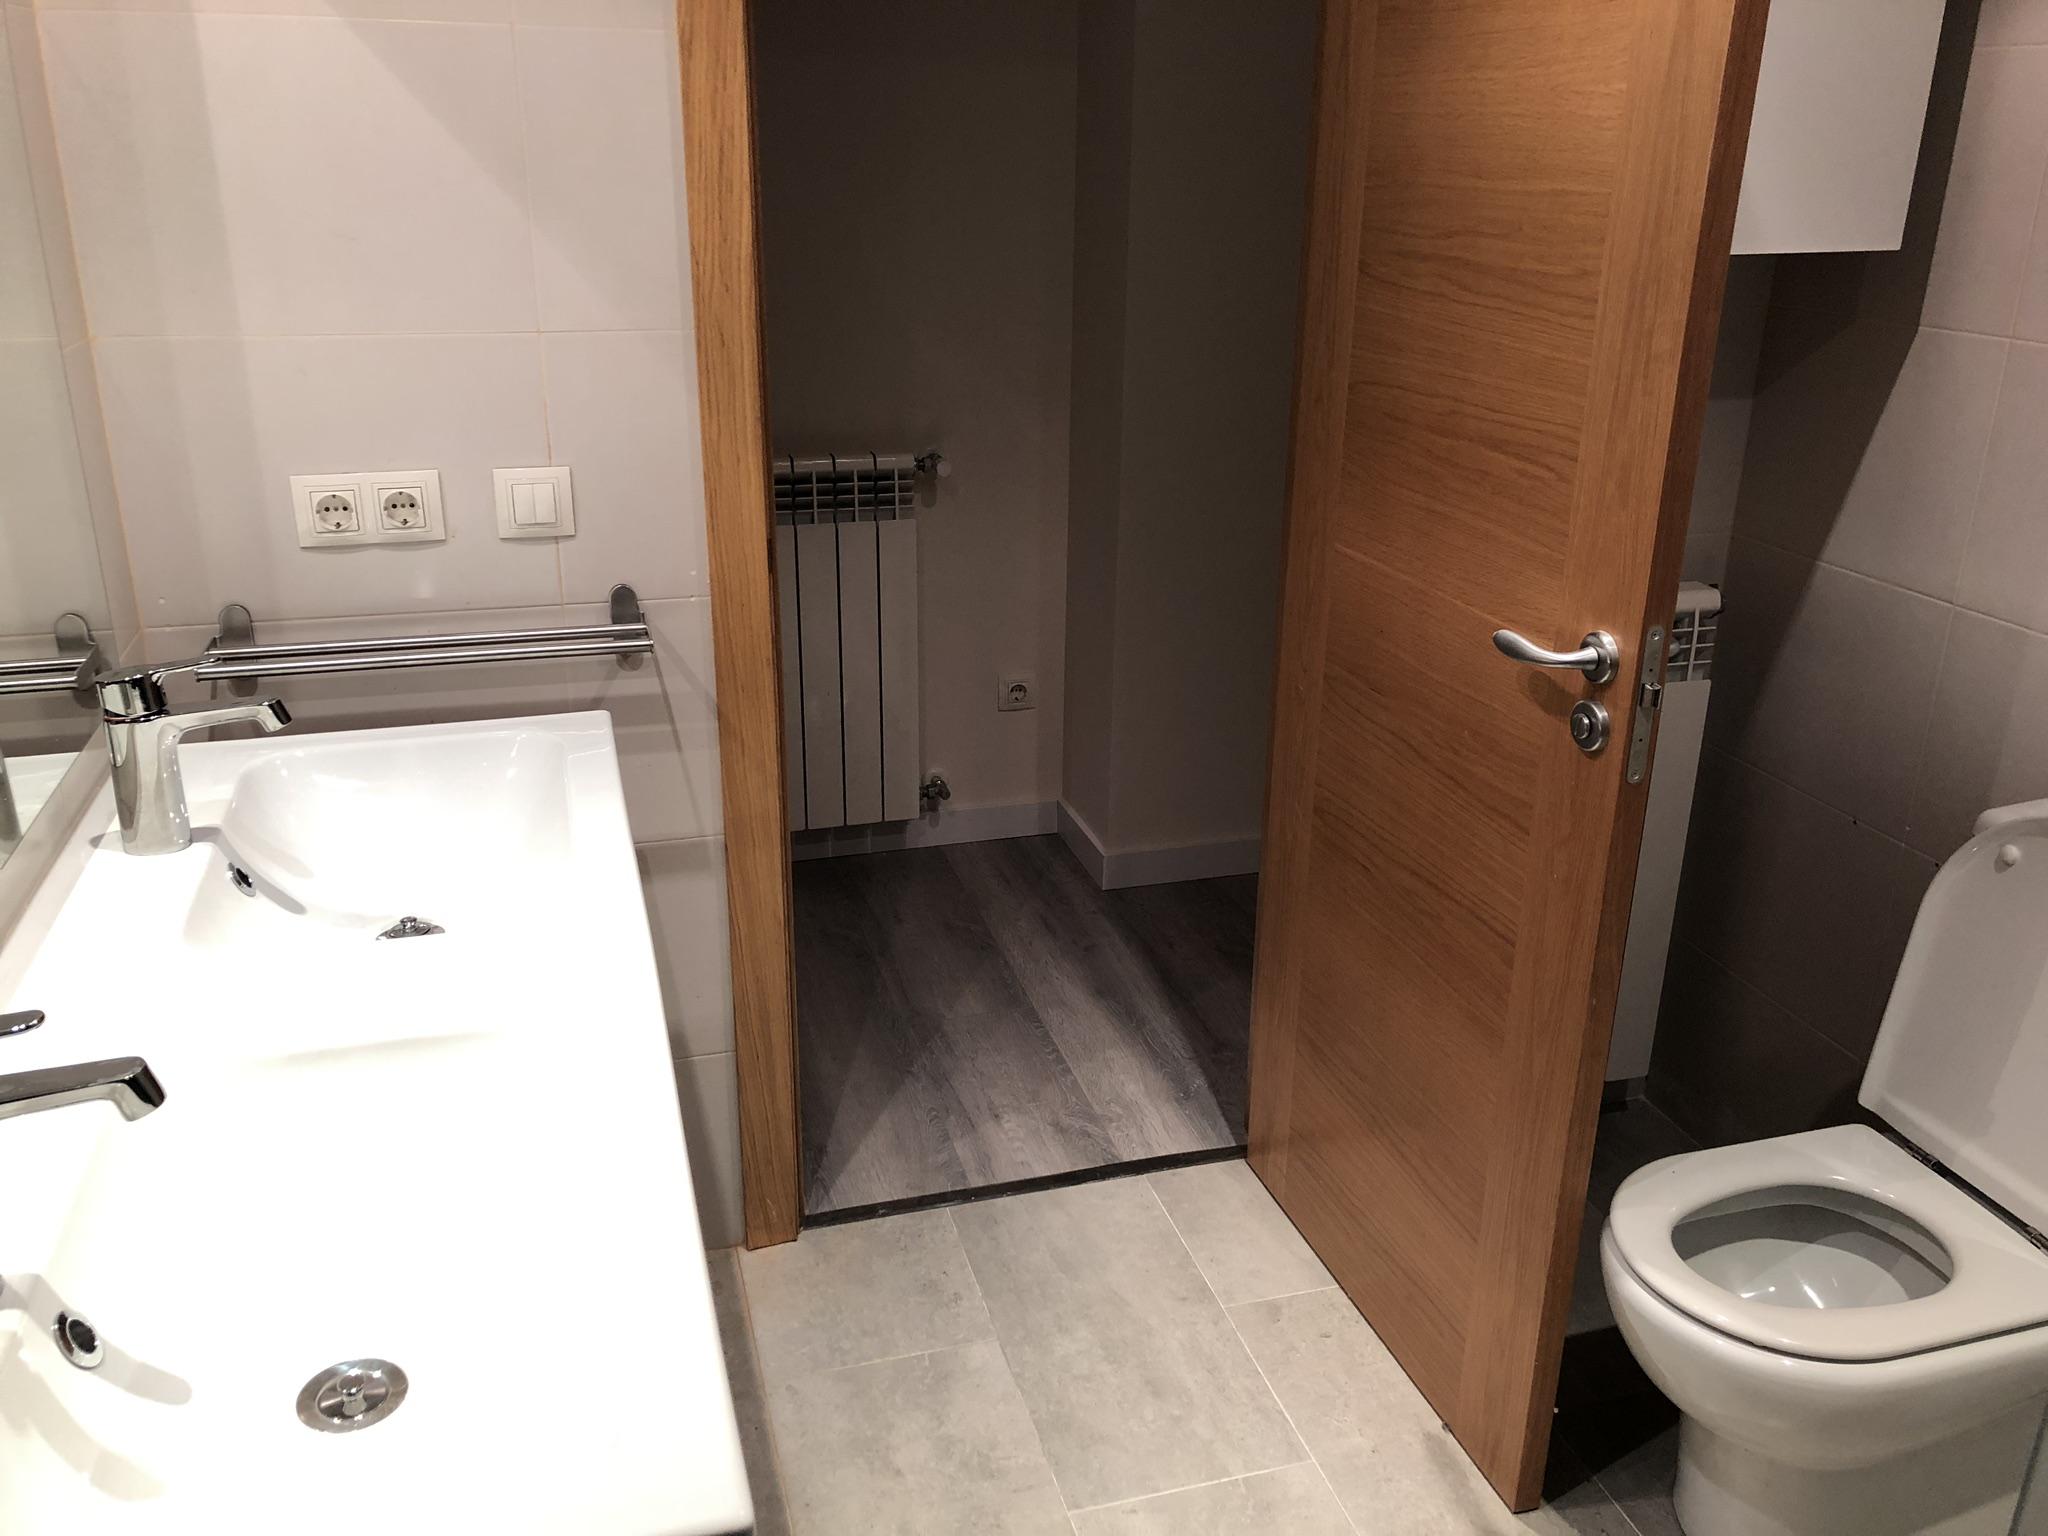 Pis en venda a Erts, 2 habitacions, 81 metres